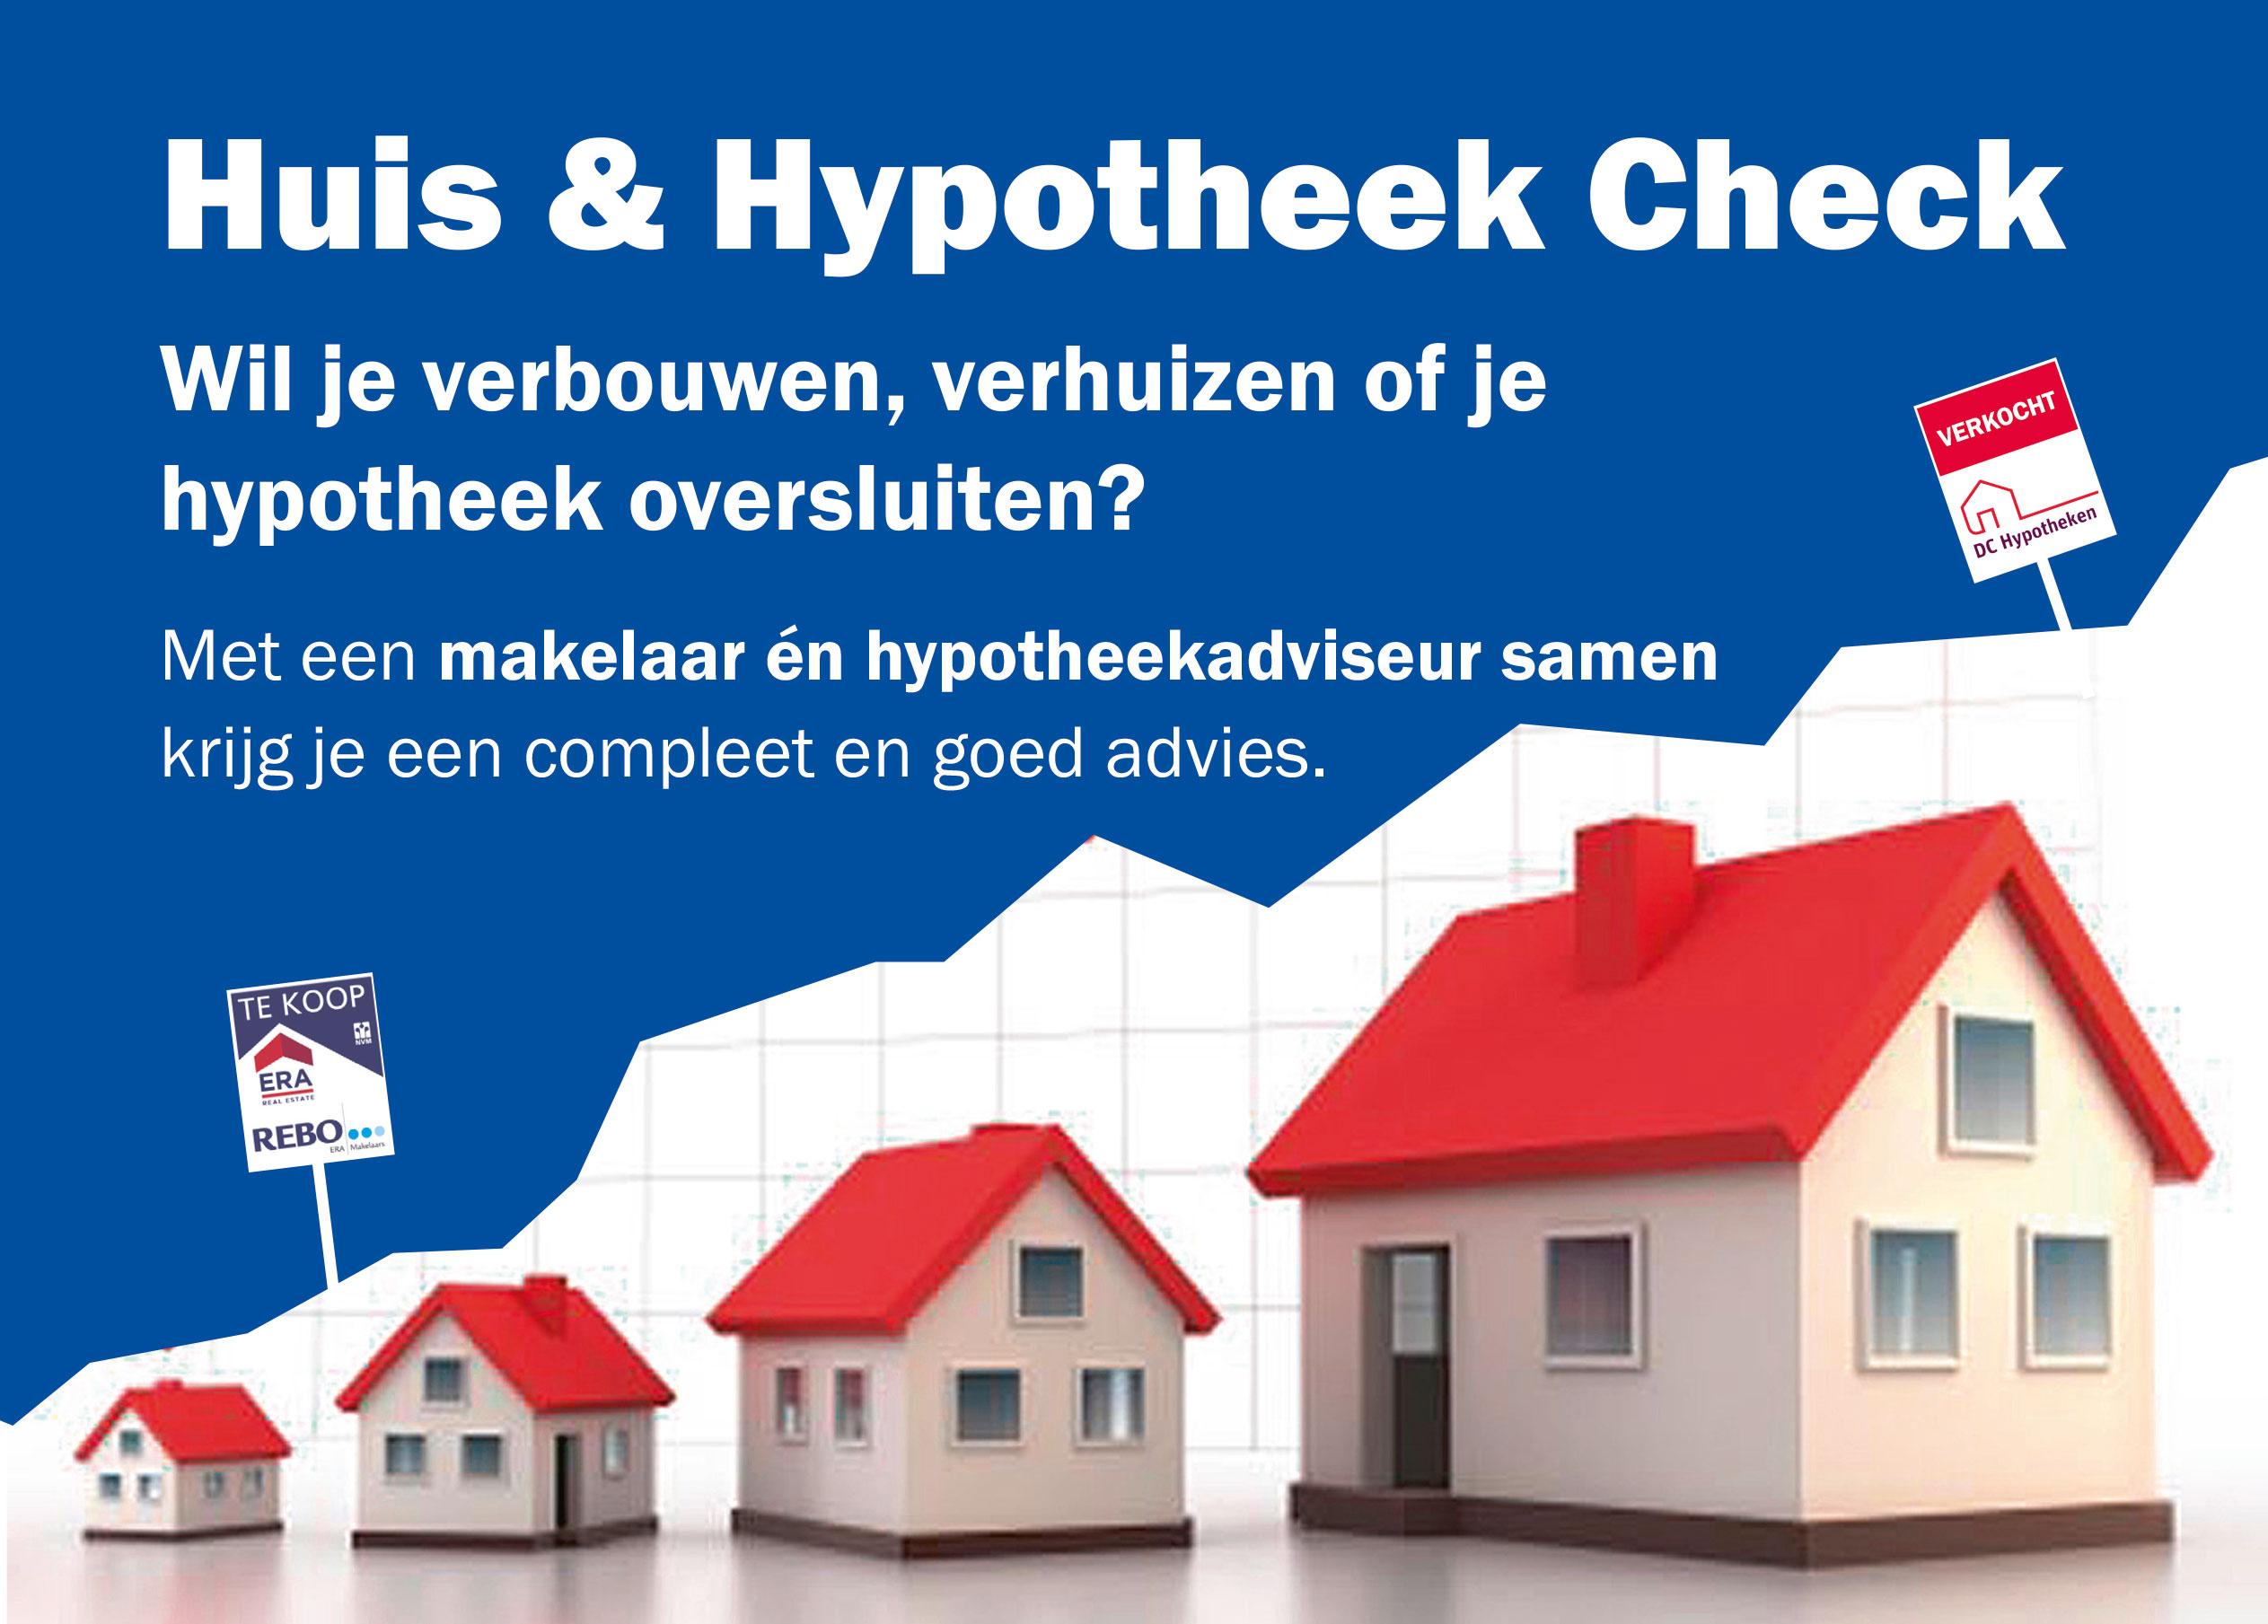 Huis & Hypotheek check bij DC Hypotheken.... Verkocht!